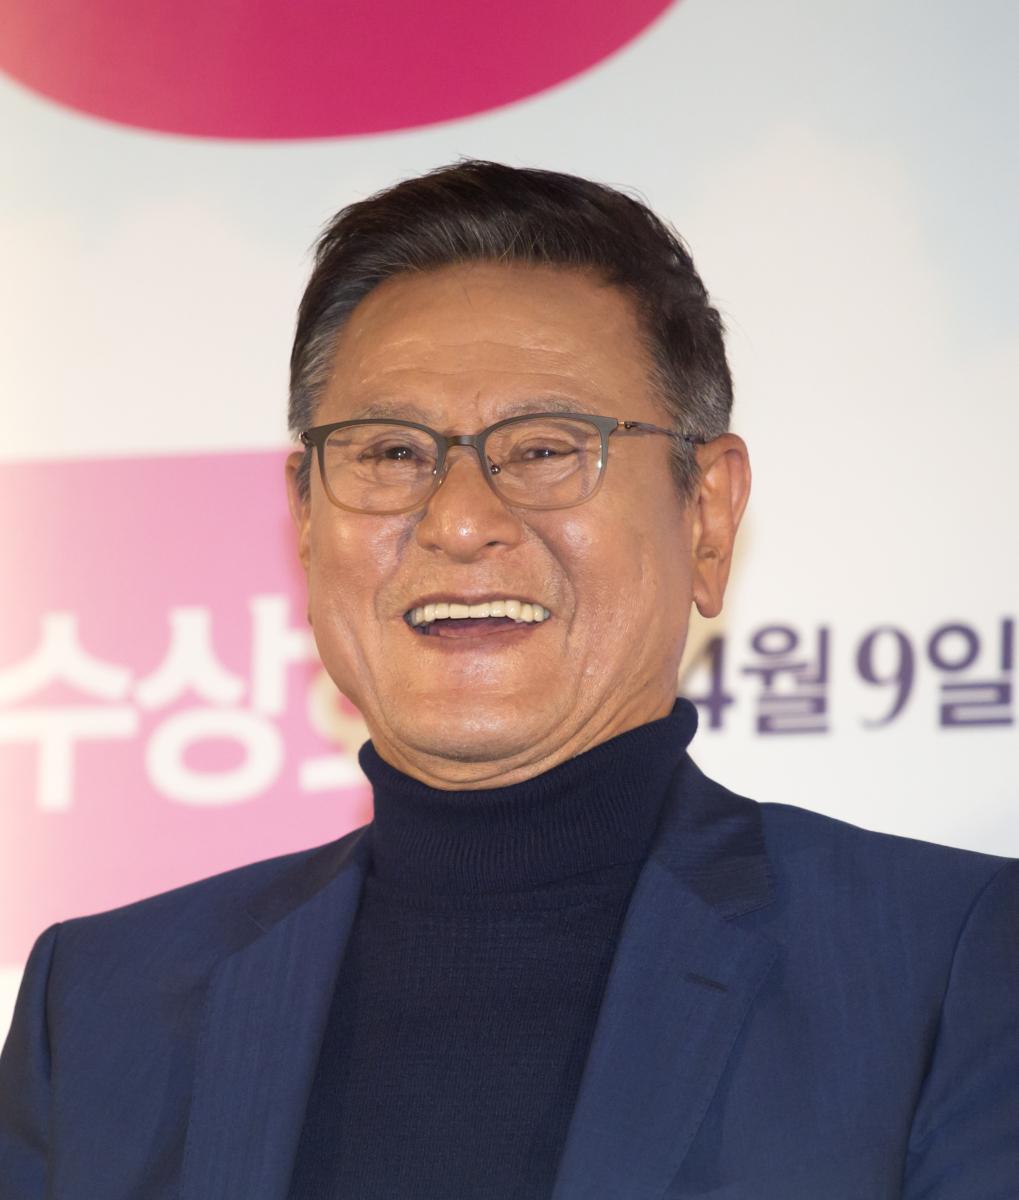 パク・クニョン(81)/存在感まで自由自在のカメレオン俳優